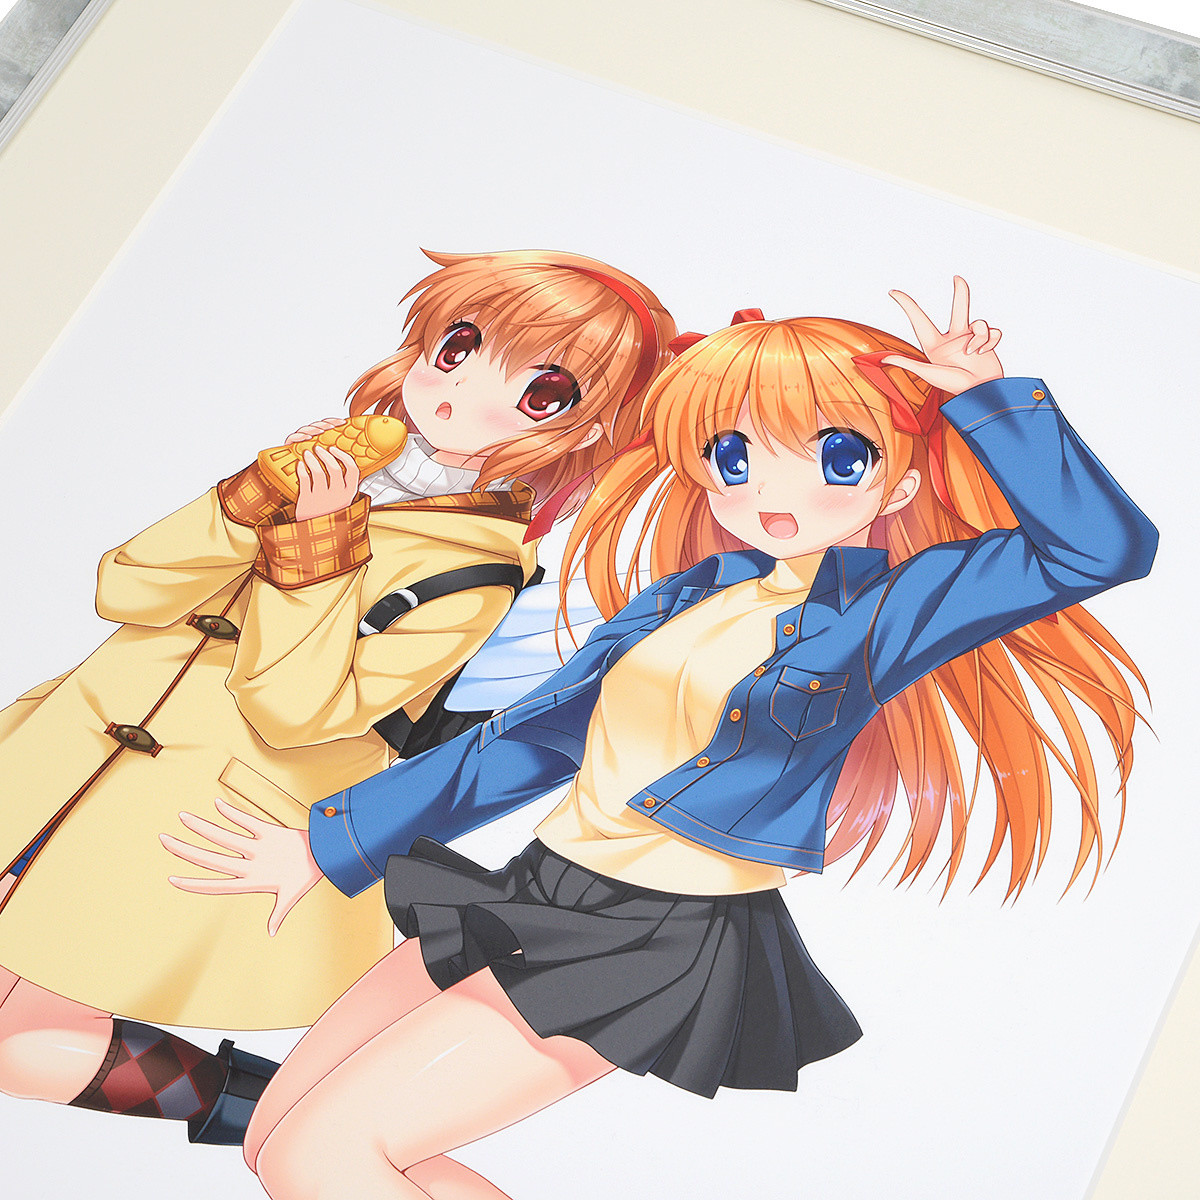 Key 20th Anniversary 描き下ろしイラスト複製原画 Kanon